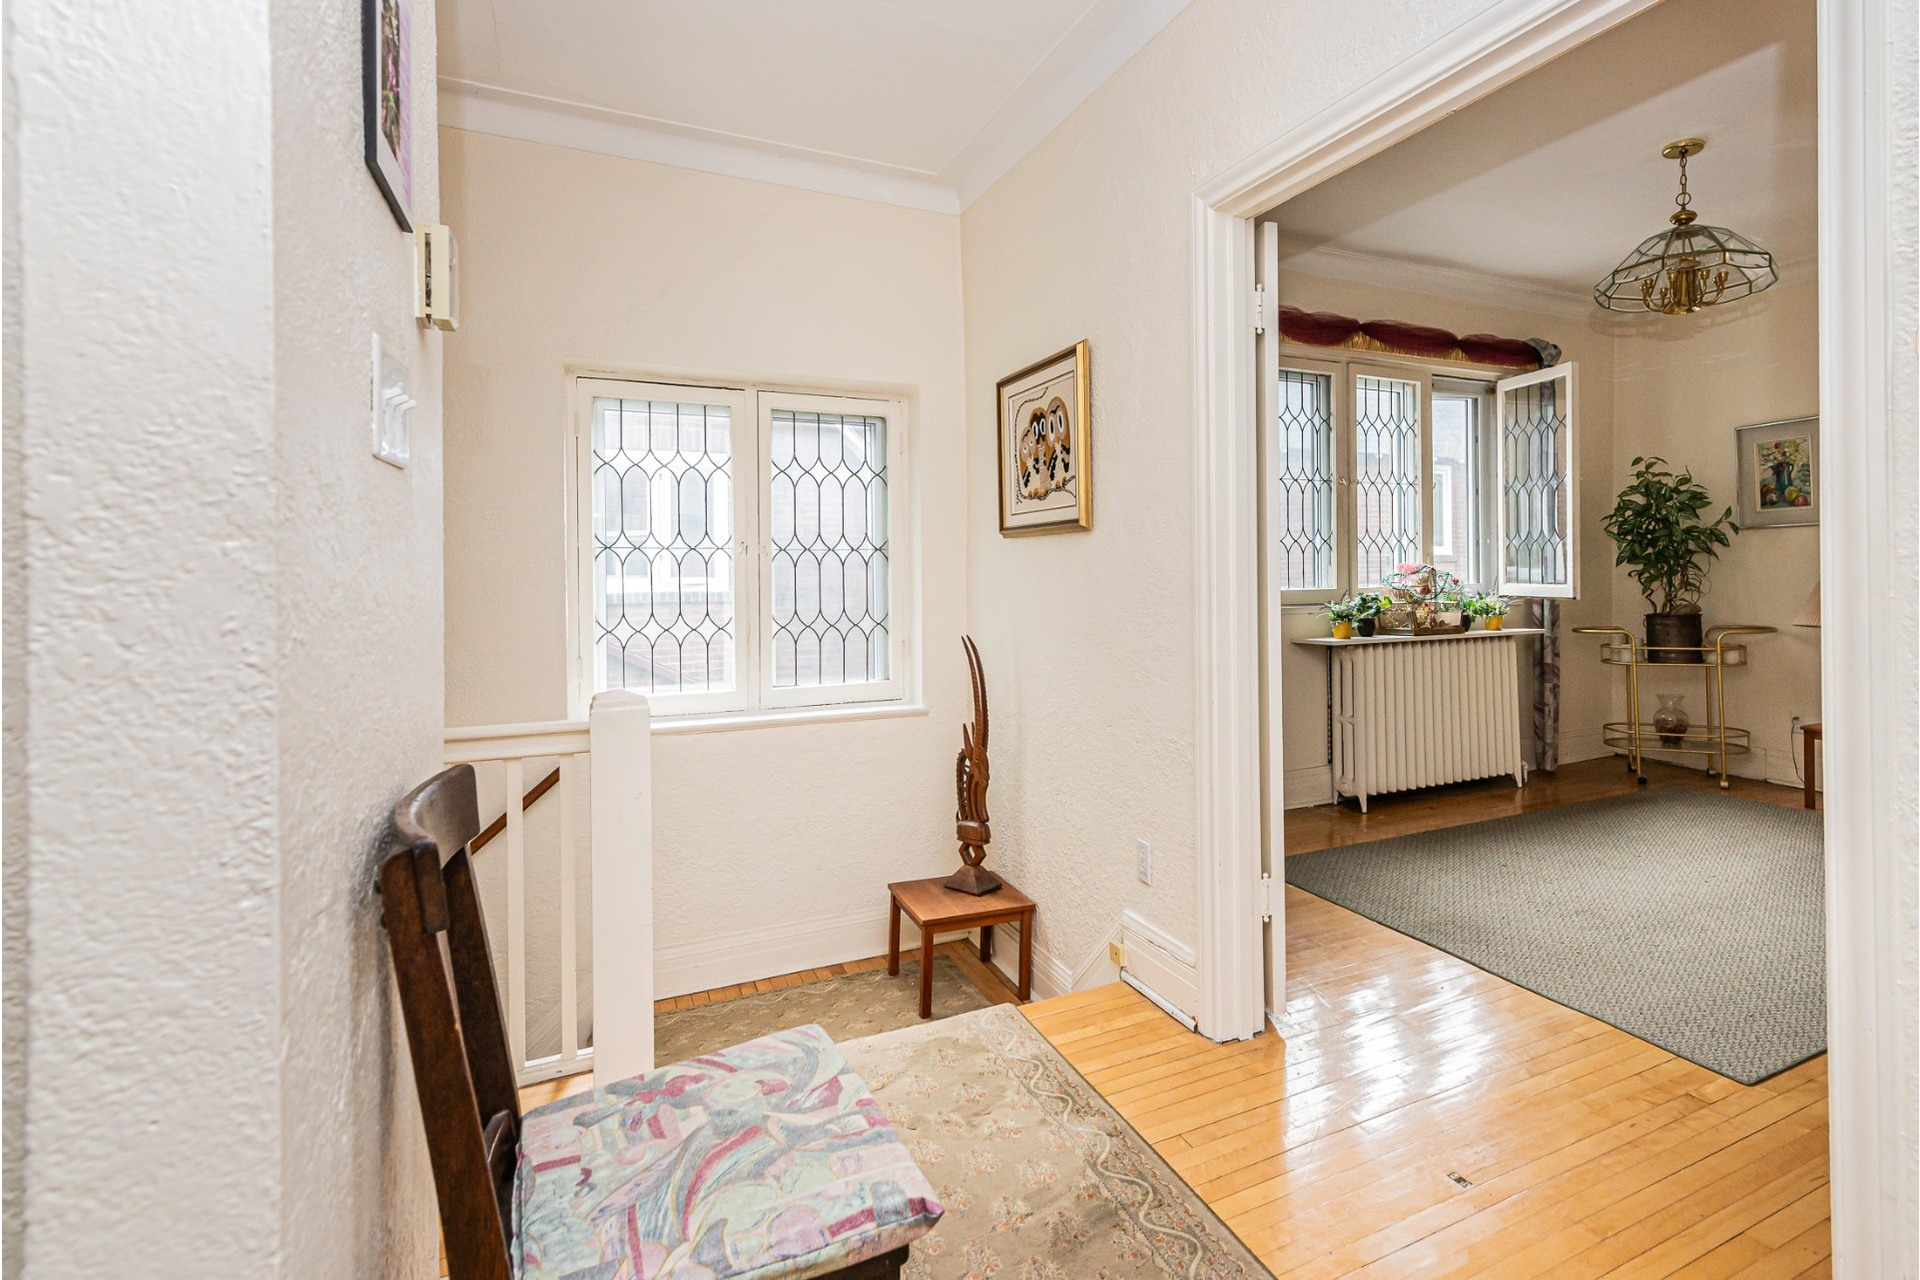 image 2 - Appartement À vendre Côte-des-Neiges/Notre-Dame-de-Grâce Montréal  - 7 pièces